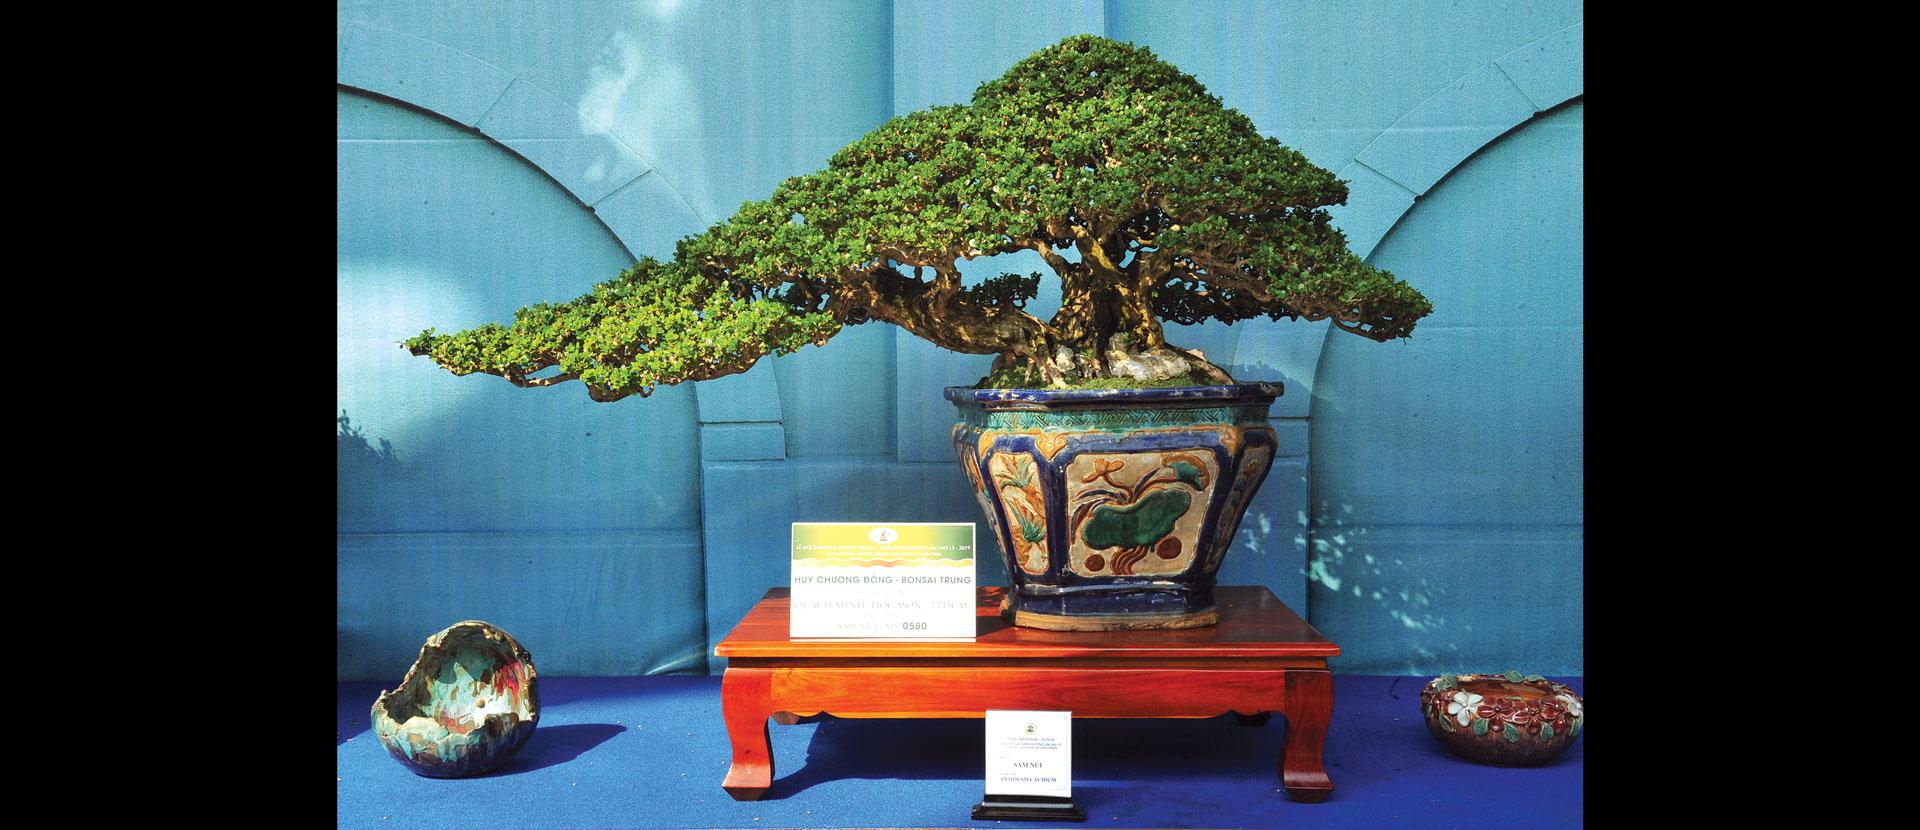 Nghệ thuật bonsai thú chơi tao nhã ảnh 2